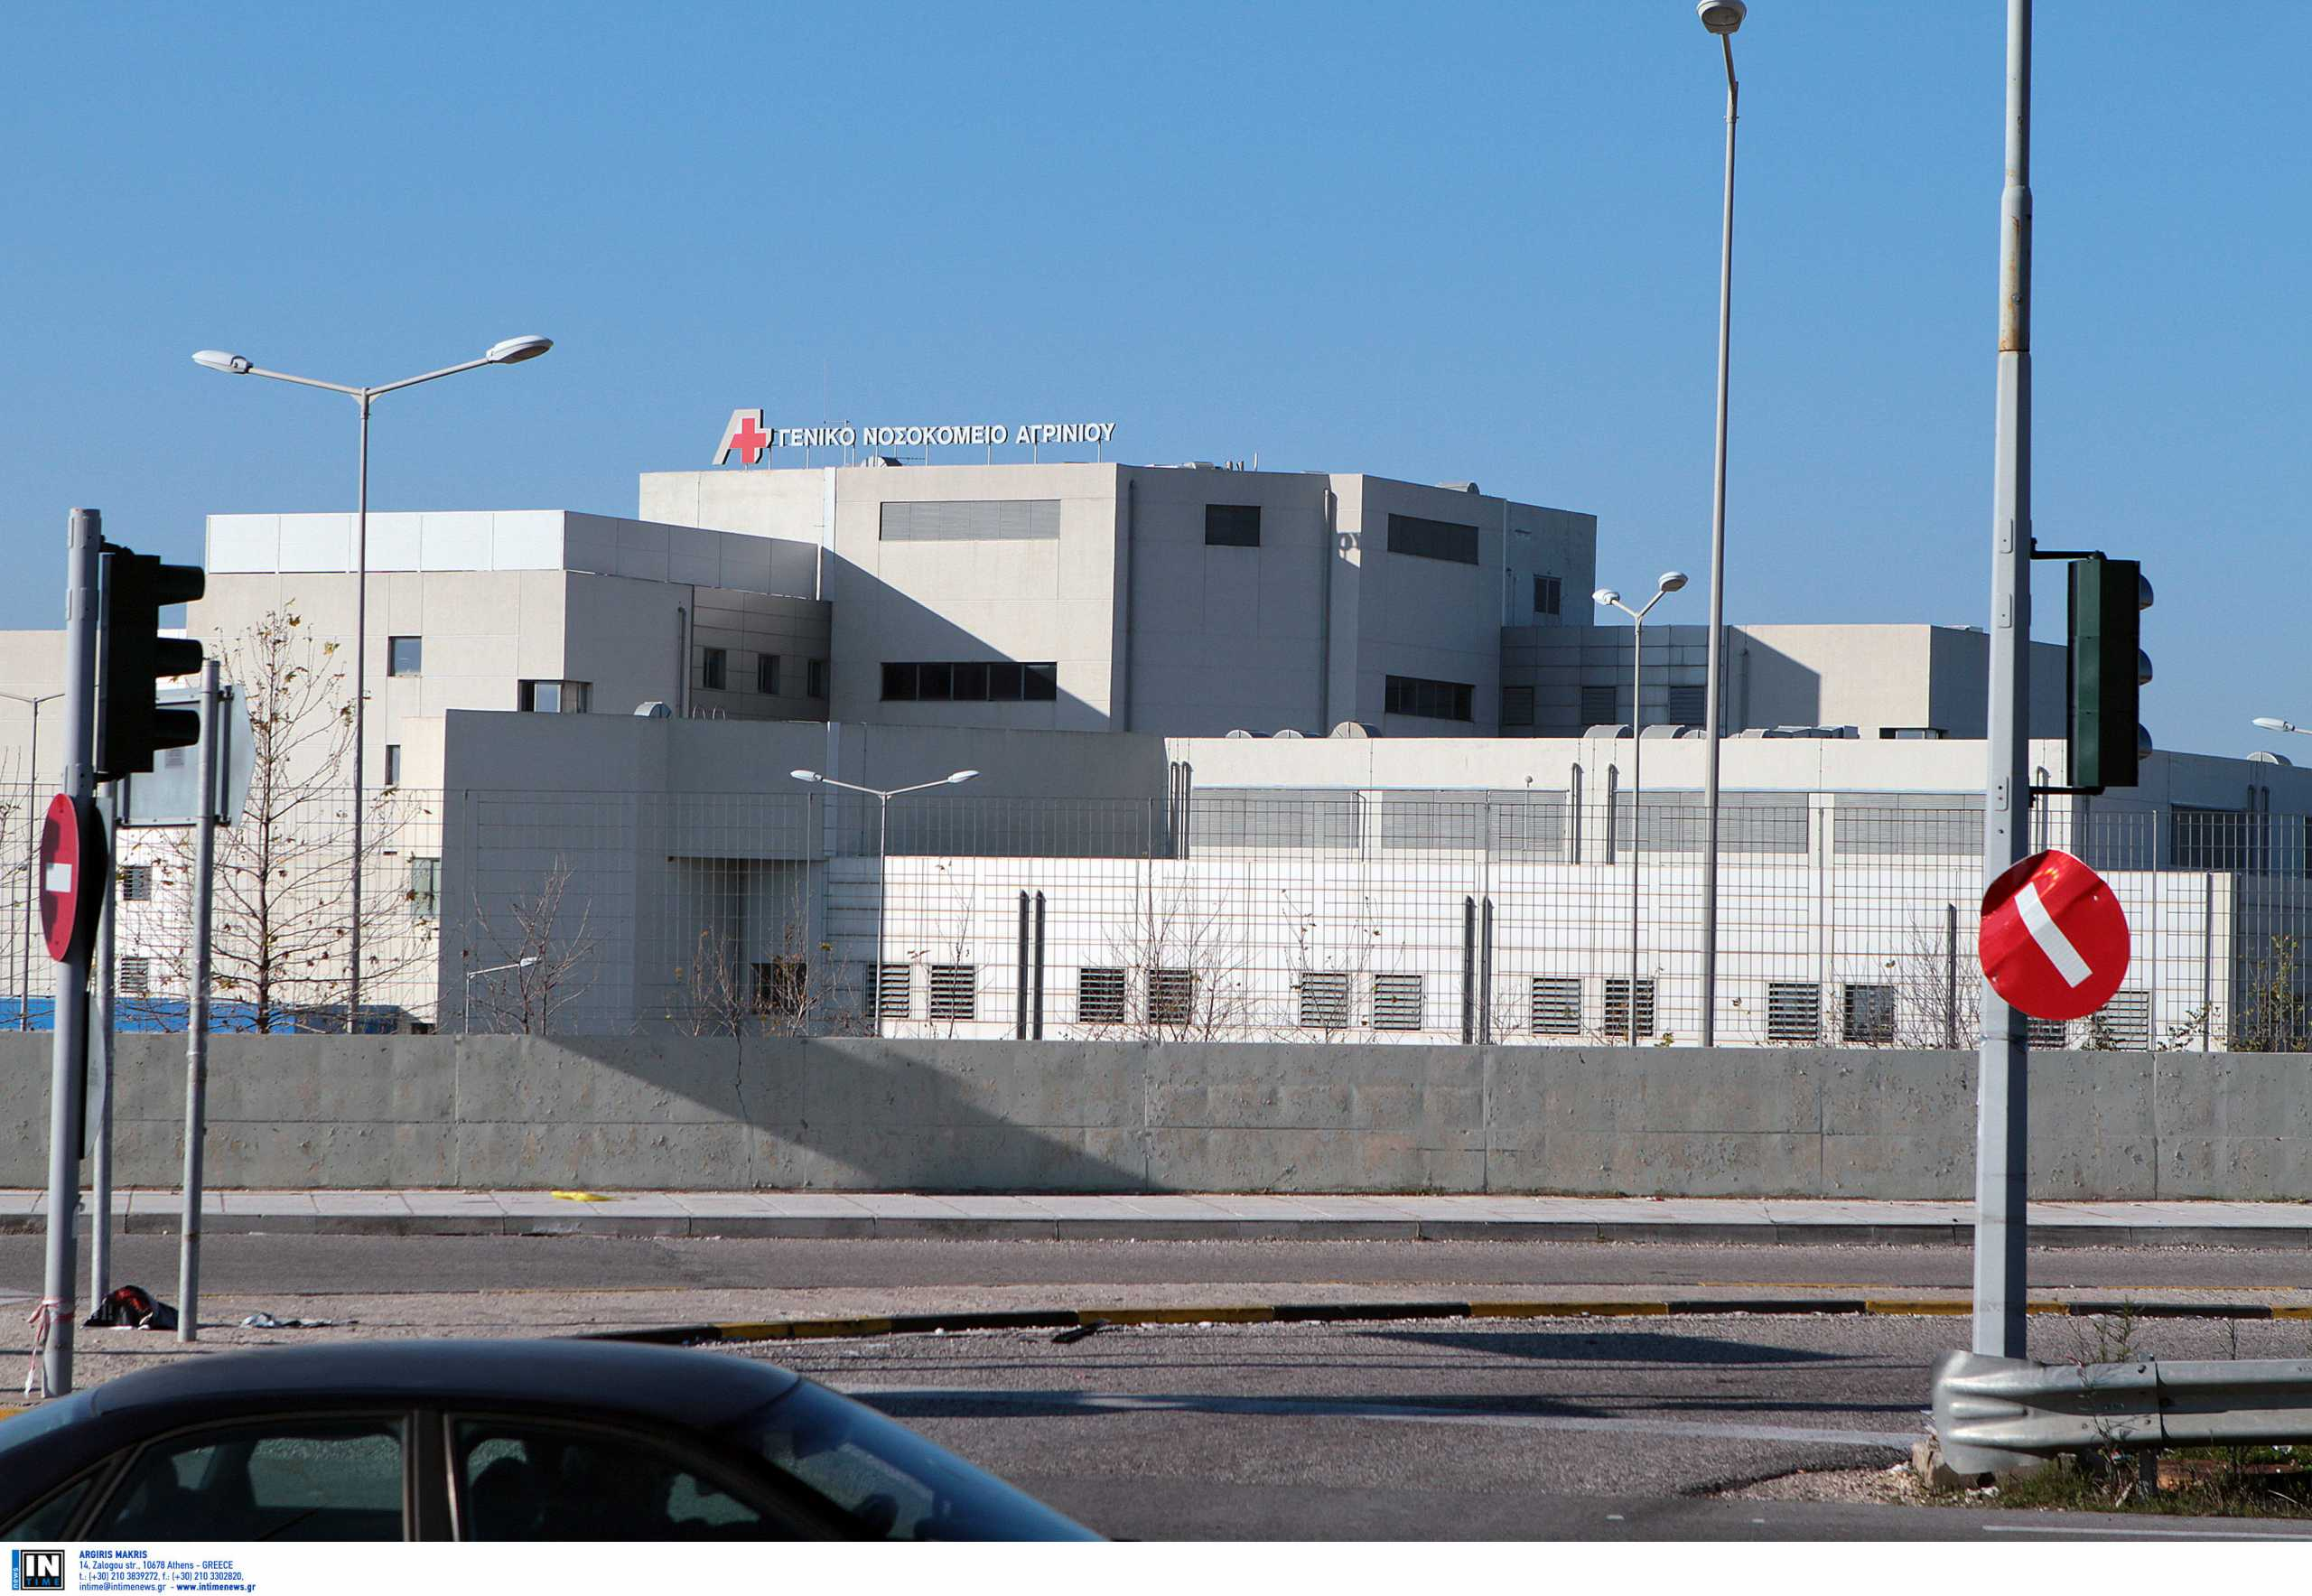 Αγρίνιο – ΜΕΘ: Πολλαπλασιάζονται οι συγγενείς των θανόντων που κινούνται νομικά – Ποια είναι η κατάσταση του νοσοκομείου